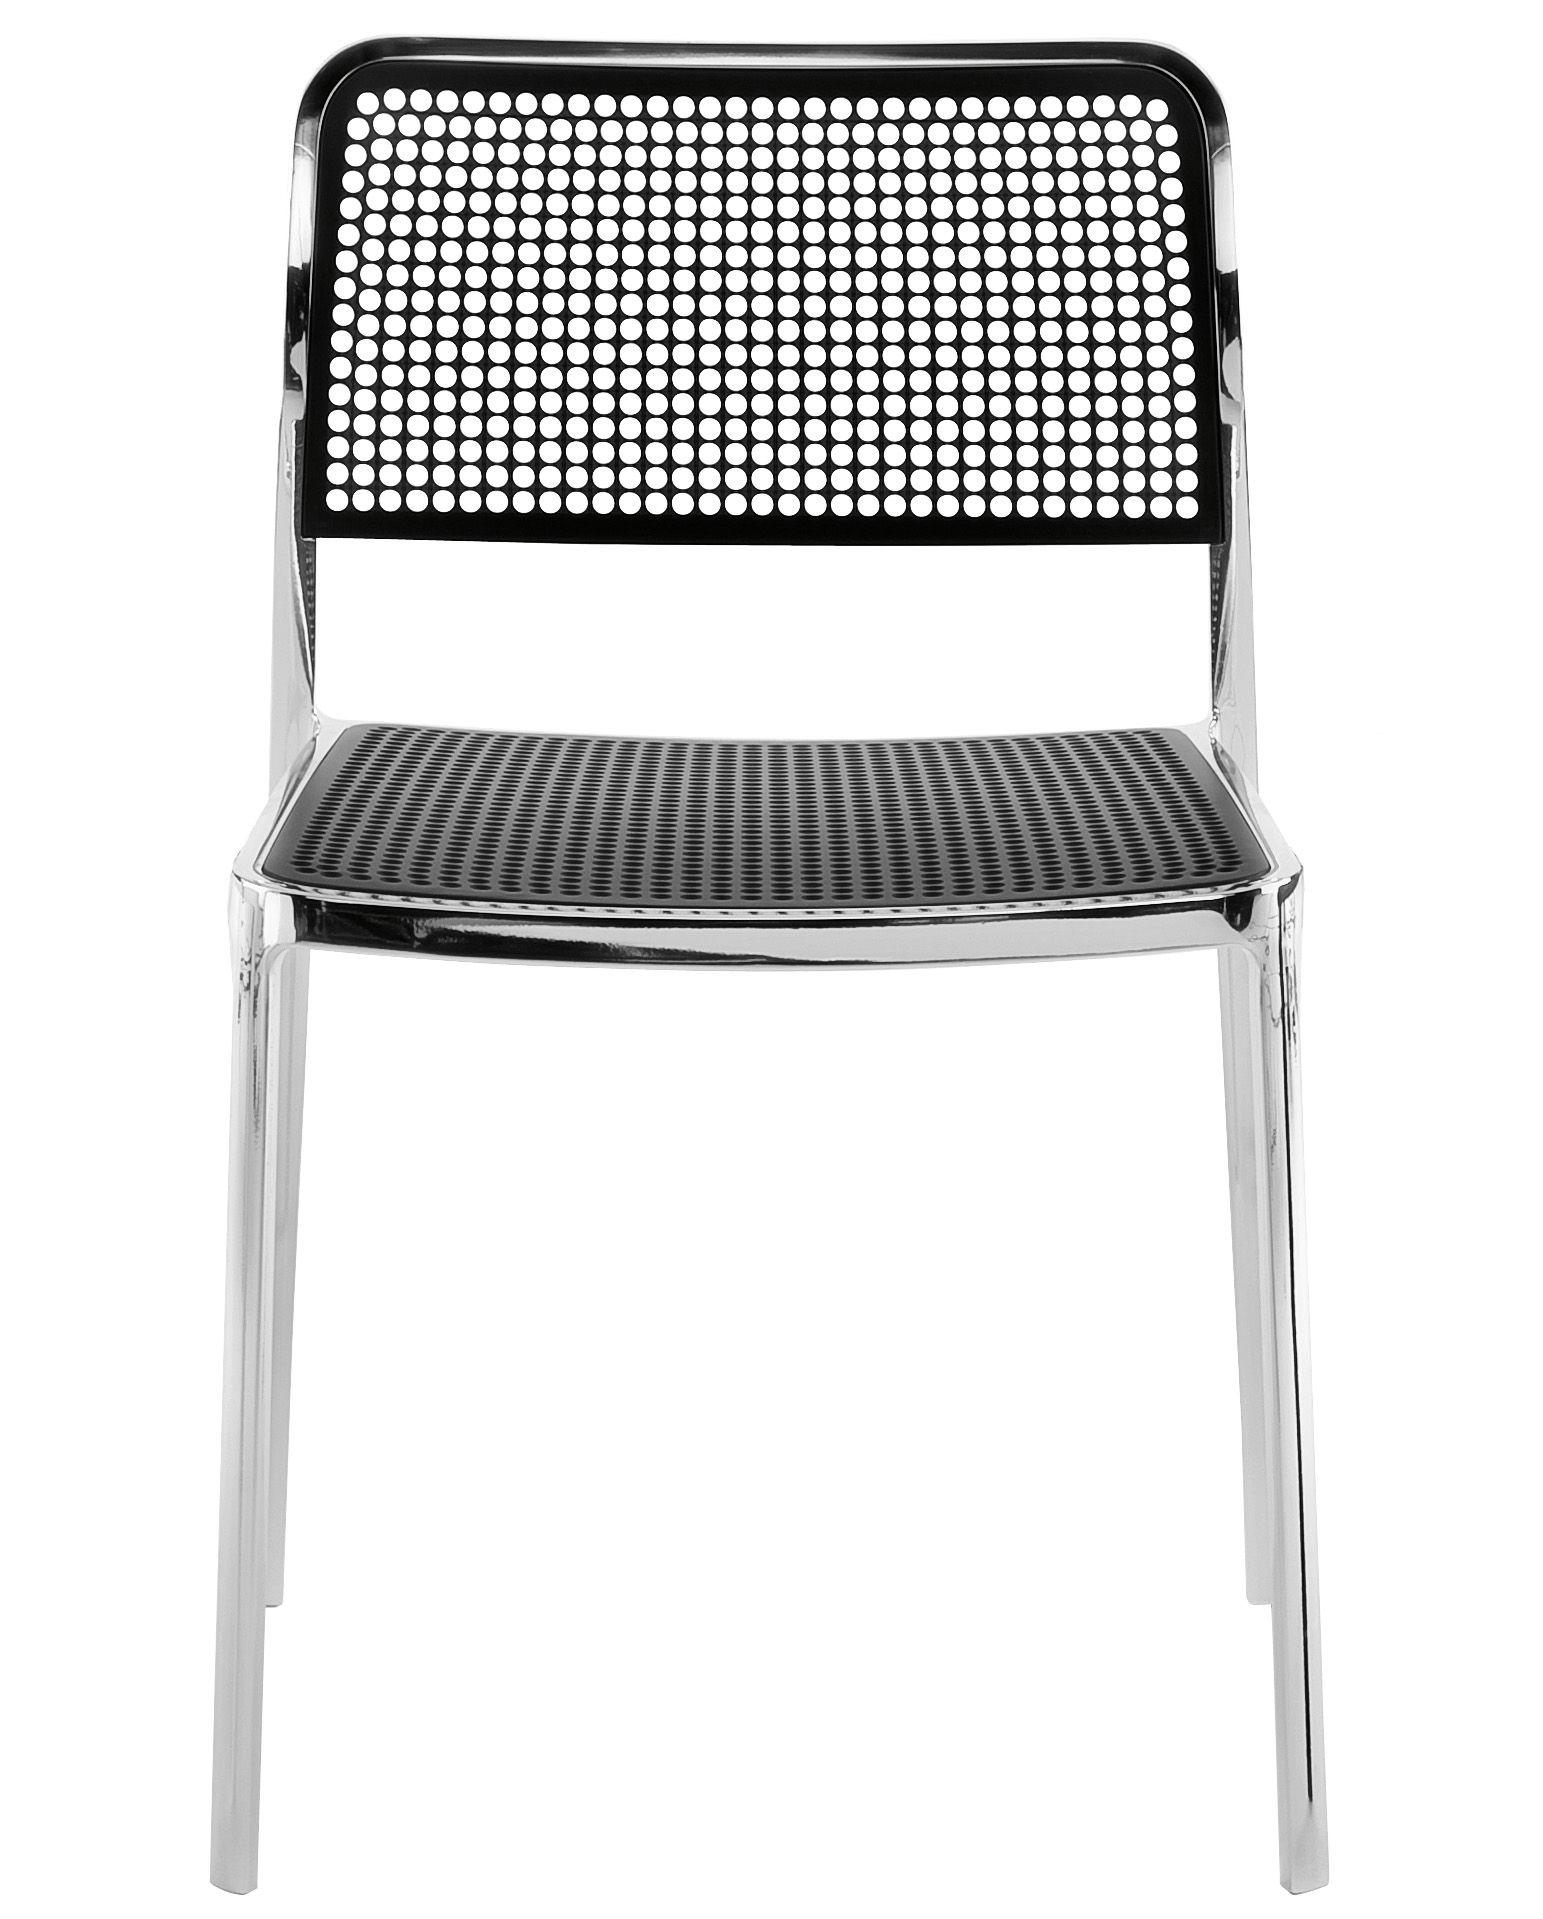 Möbel - Stühle  - Audrey Stapelbarer Stuhl Gestell Aluminium poliert - Kartell - Gestell: Aluminium glänzend - Sitzfläche: schwarz - poliertes Aluminium, Polypropylen